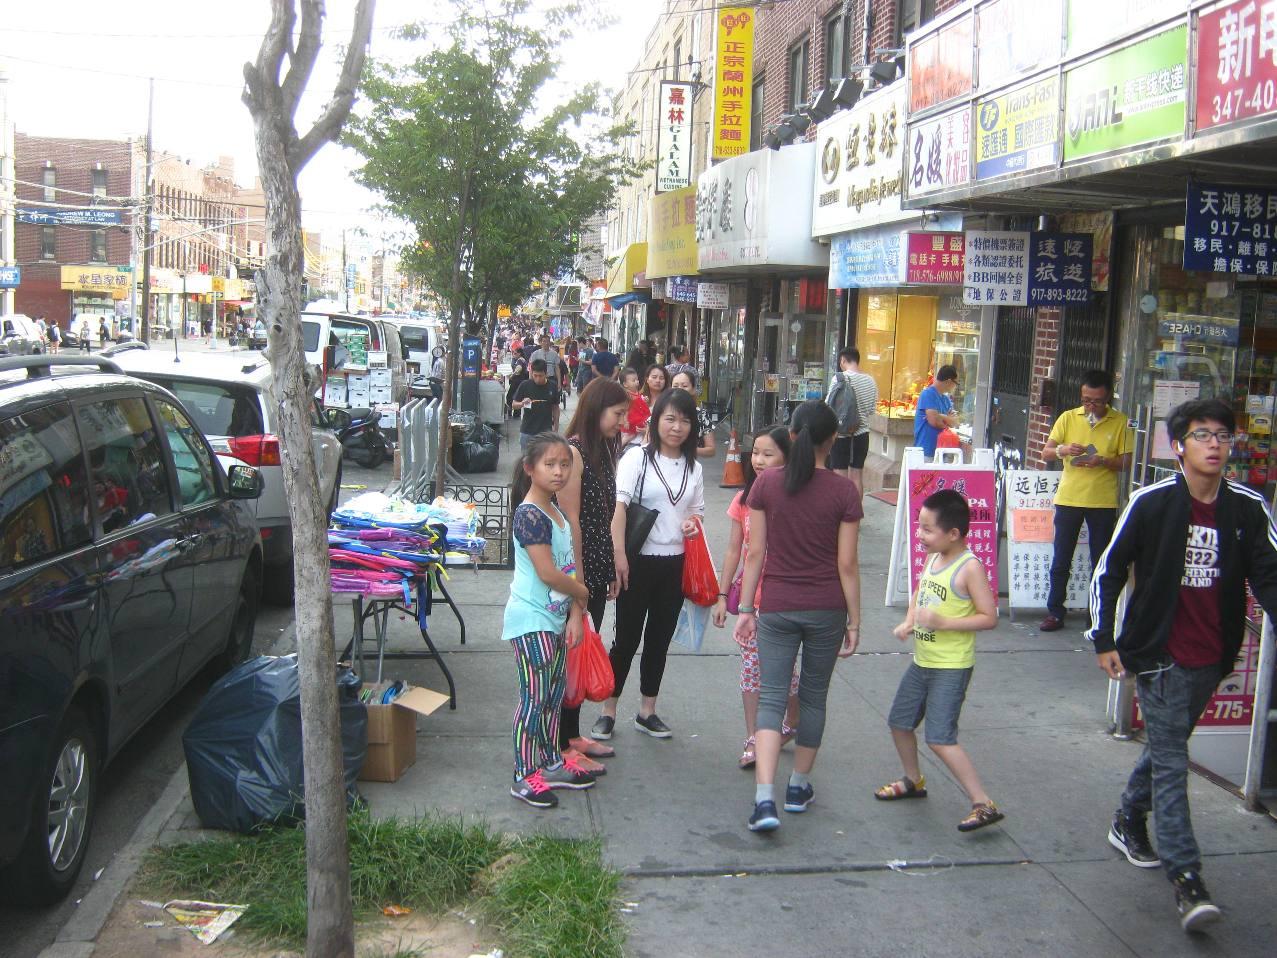 ブルックリンのチャイナタウン。